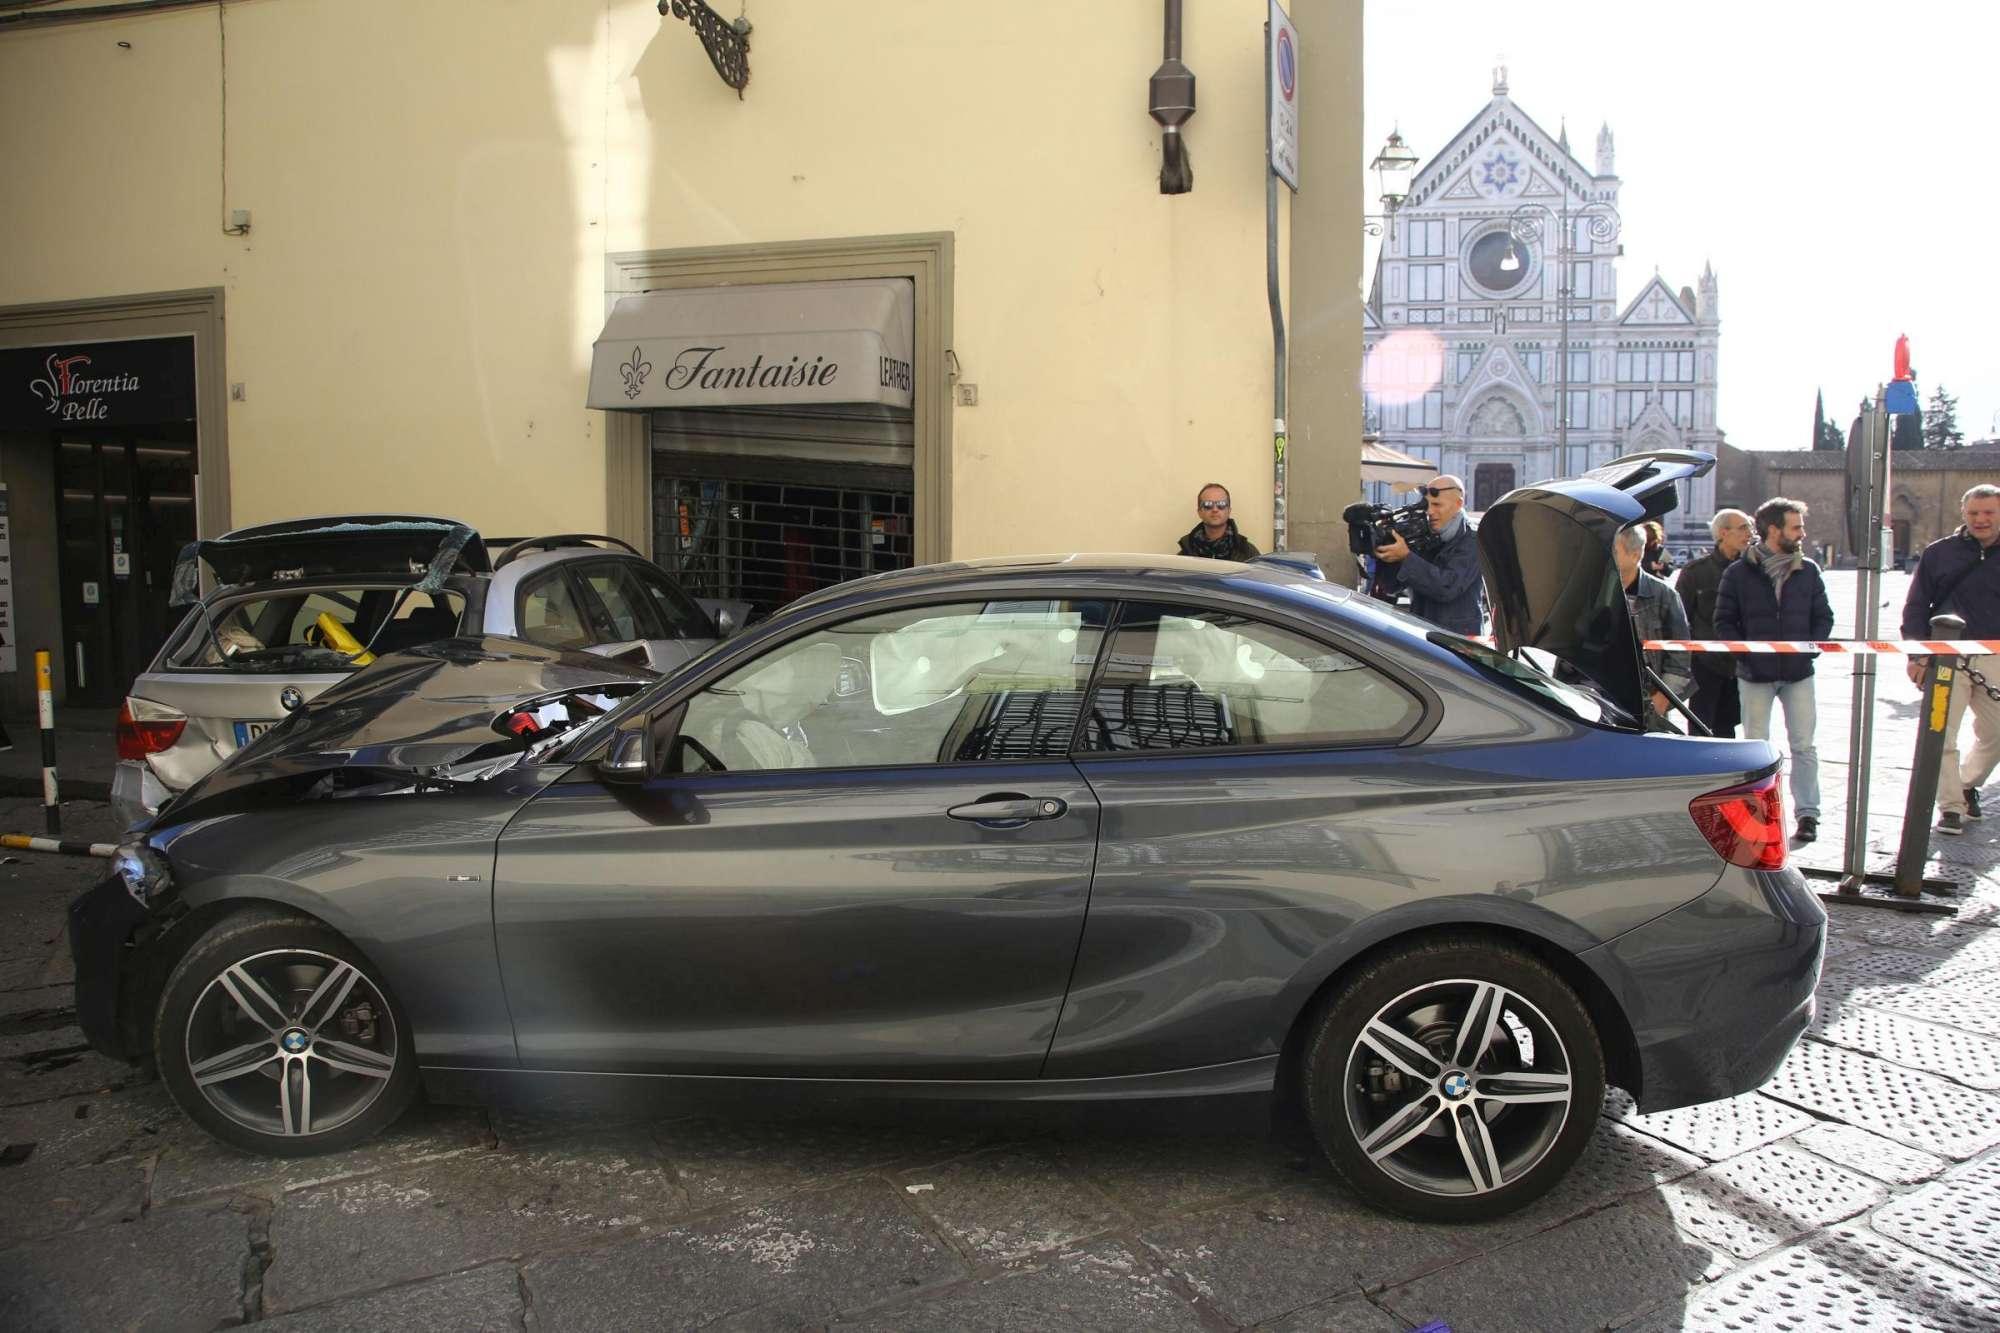 Firenze, anziano alla guida travolge auto e bici: 8 feriti